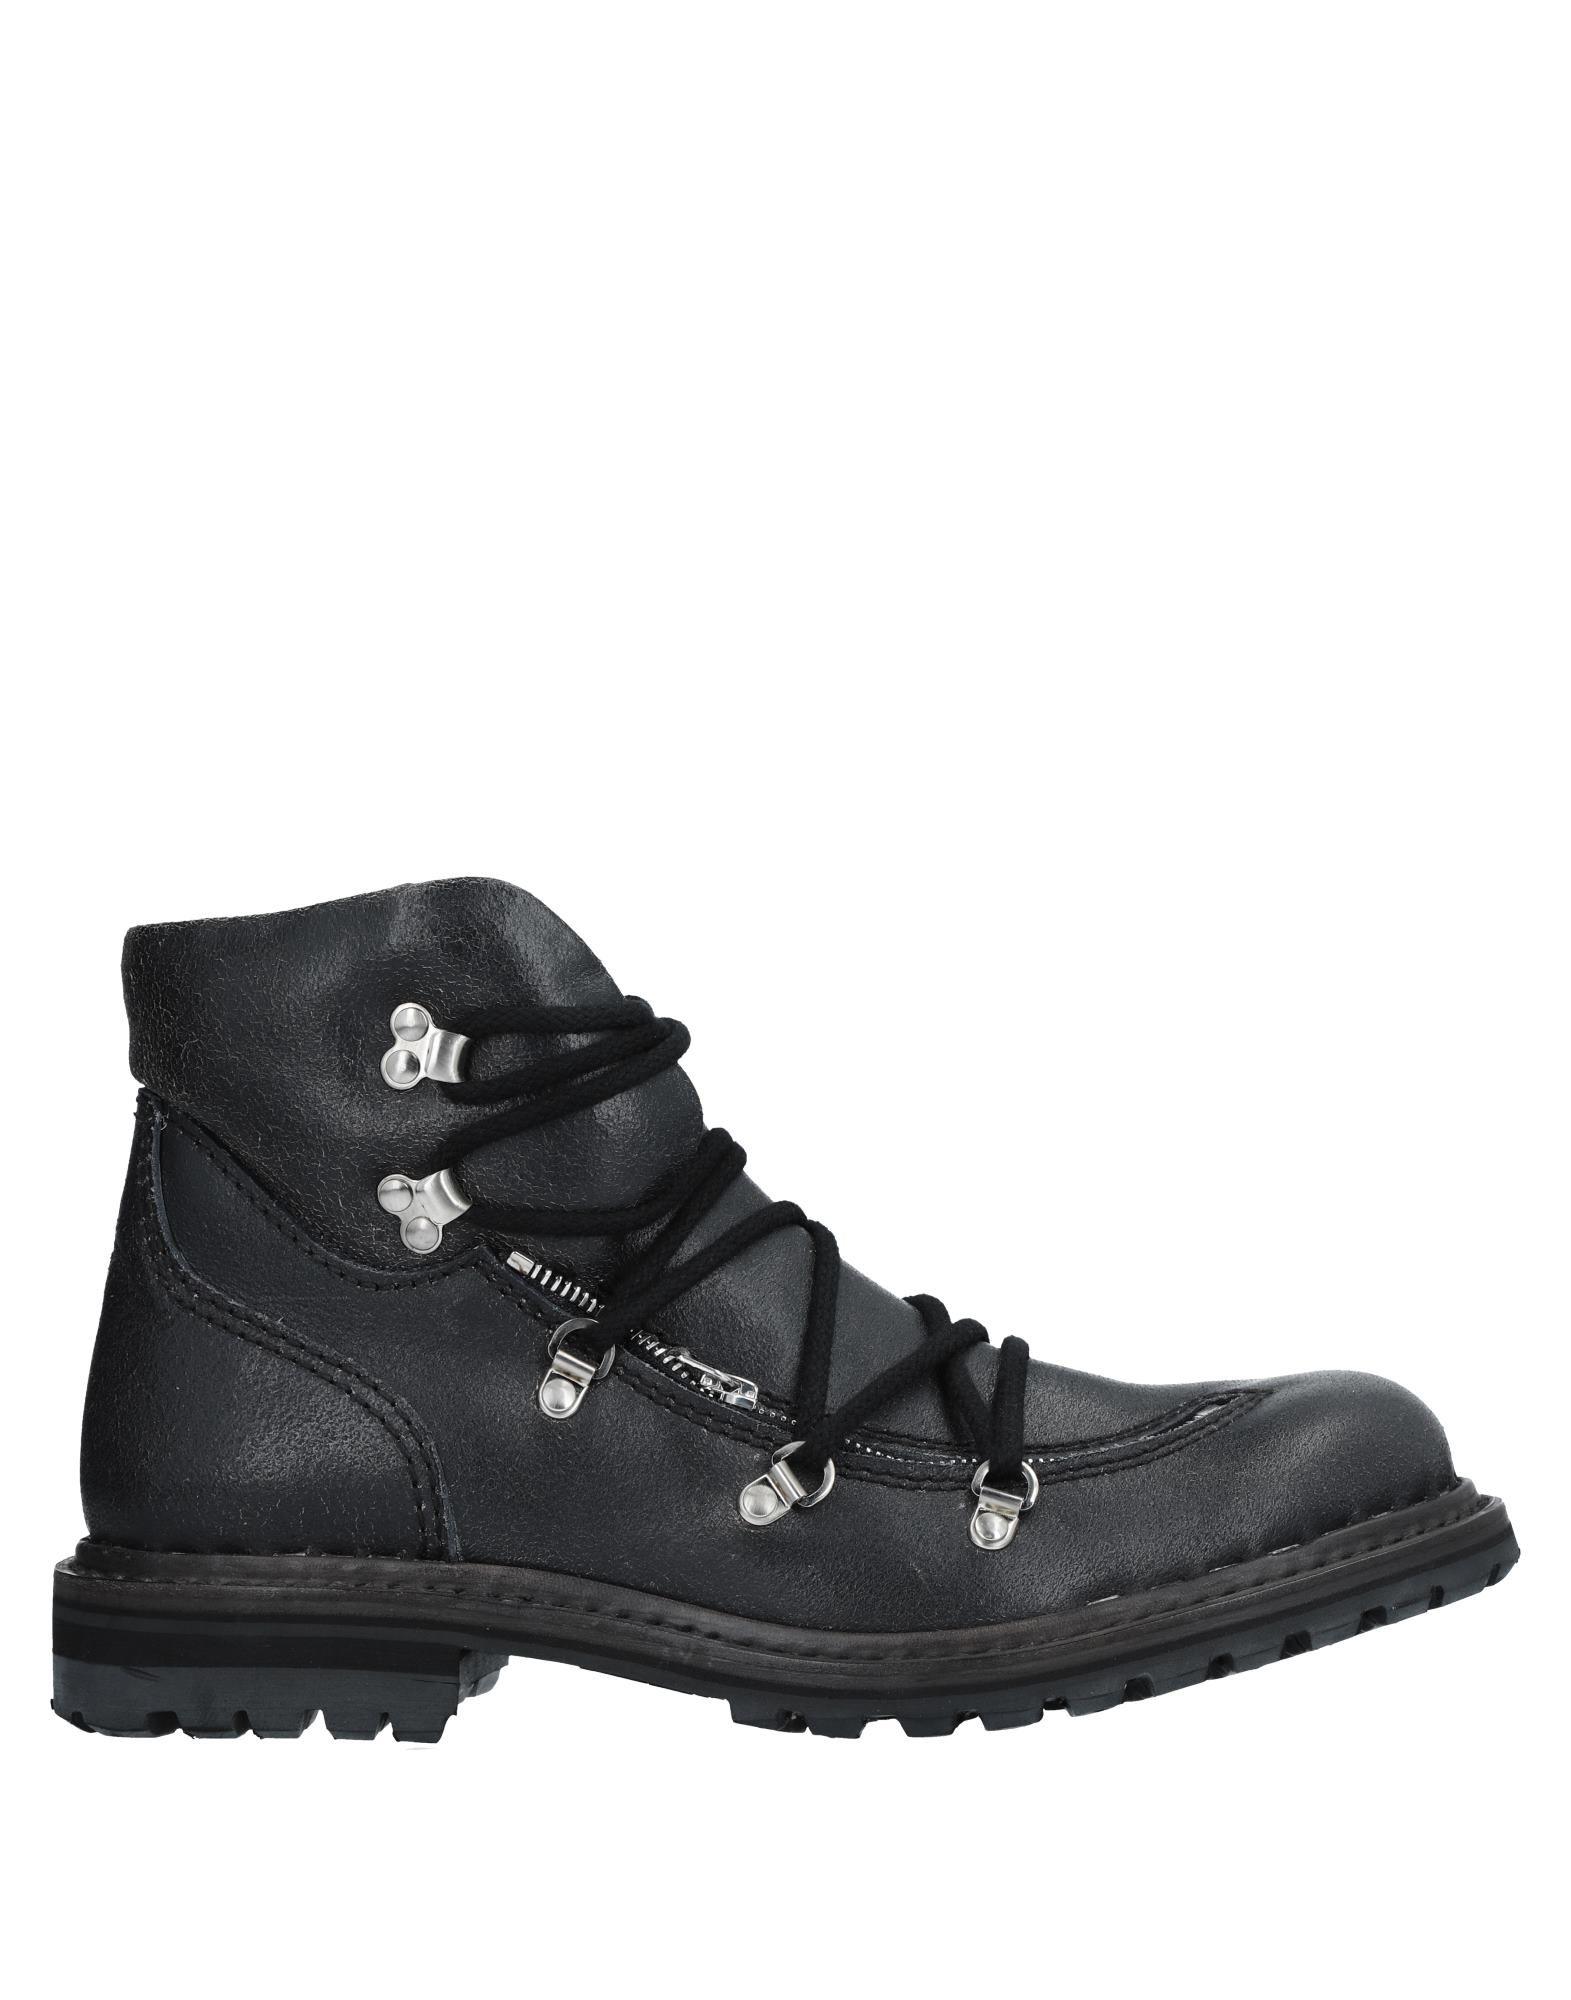 Premiata 11531109AT Stiefelette Herren  11531109AT Premiata Gute Qualität beliebte Schuhe b5fc5f